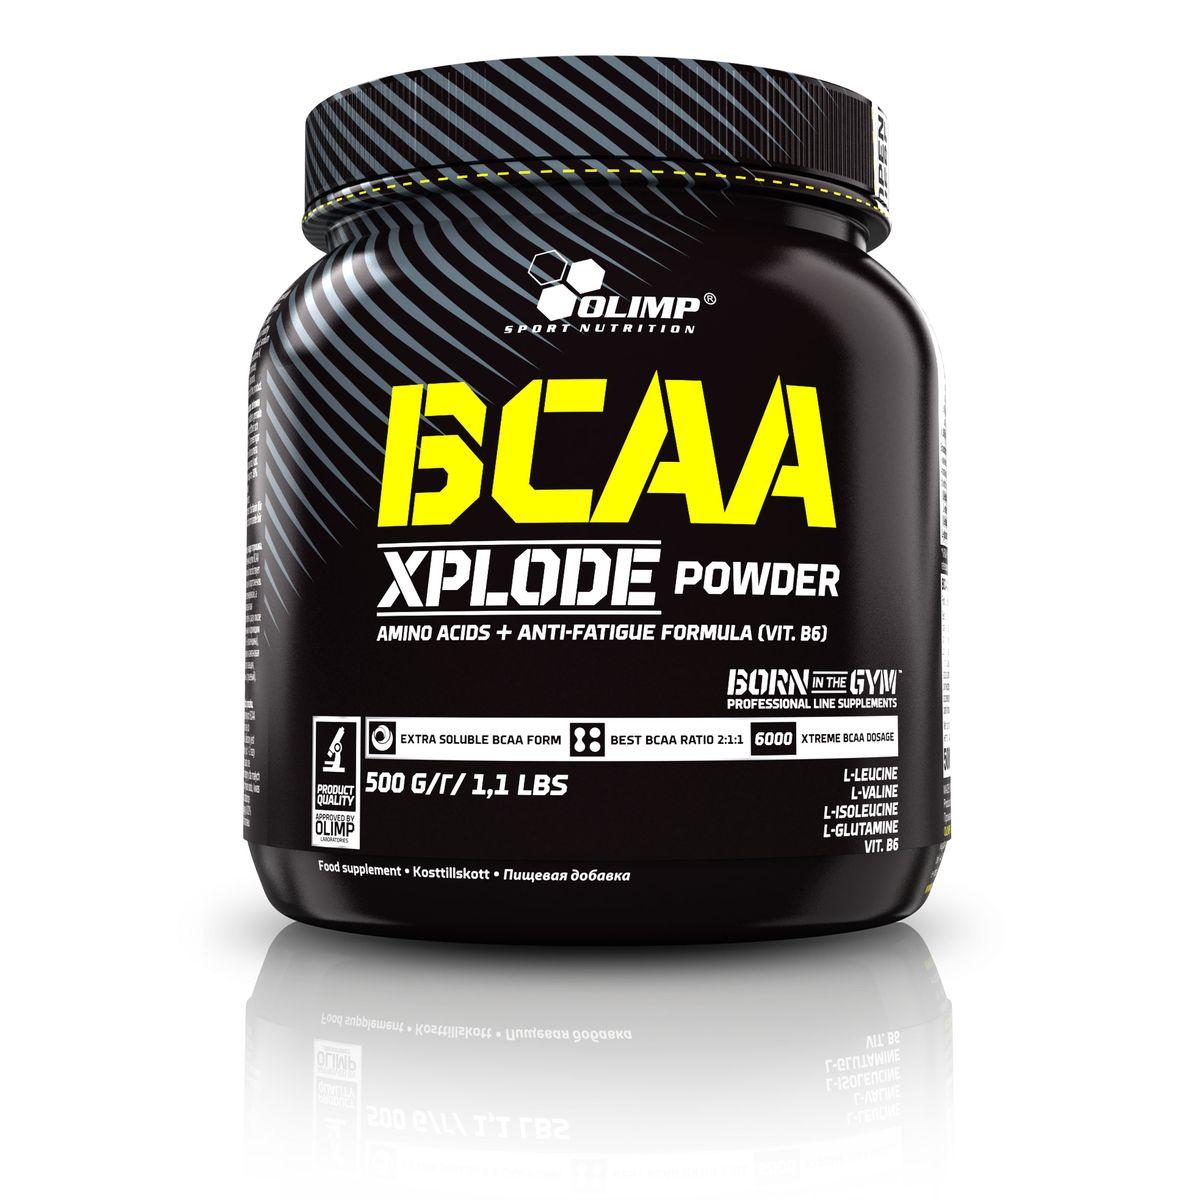 Аминокислотный комплекс Olimp Sport Nutrition BCAA Xplode Powder, лимон, 500 г напиток изотонический olimp iso plus powder лимон 700г